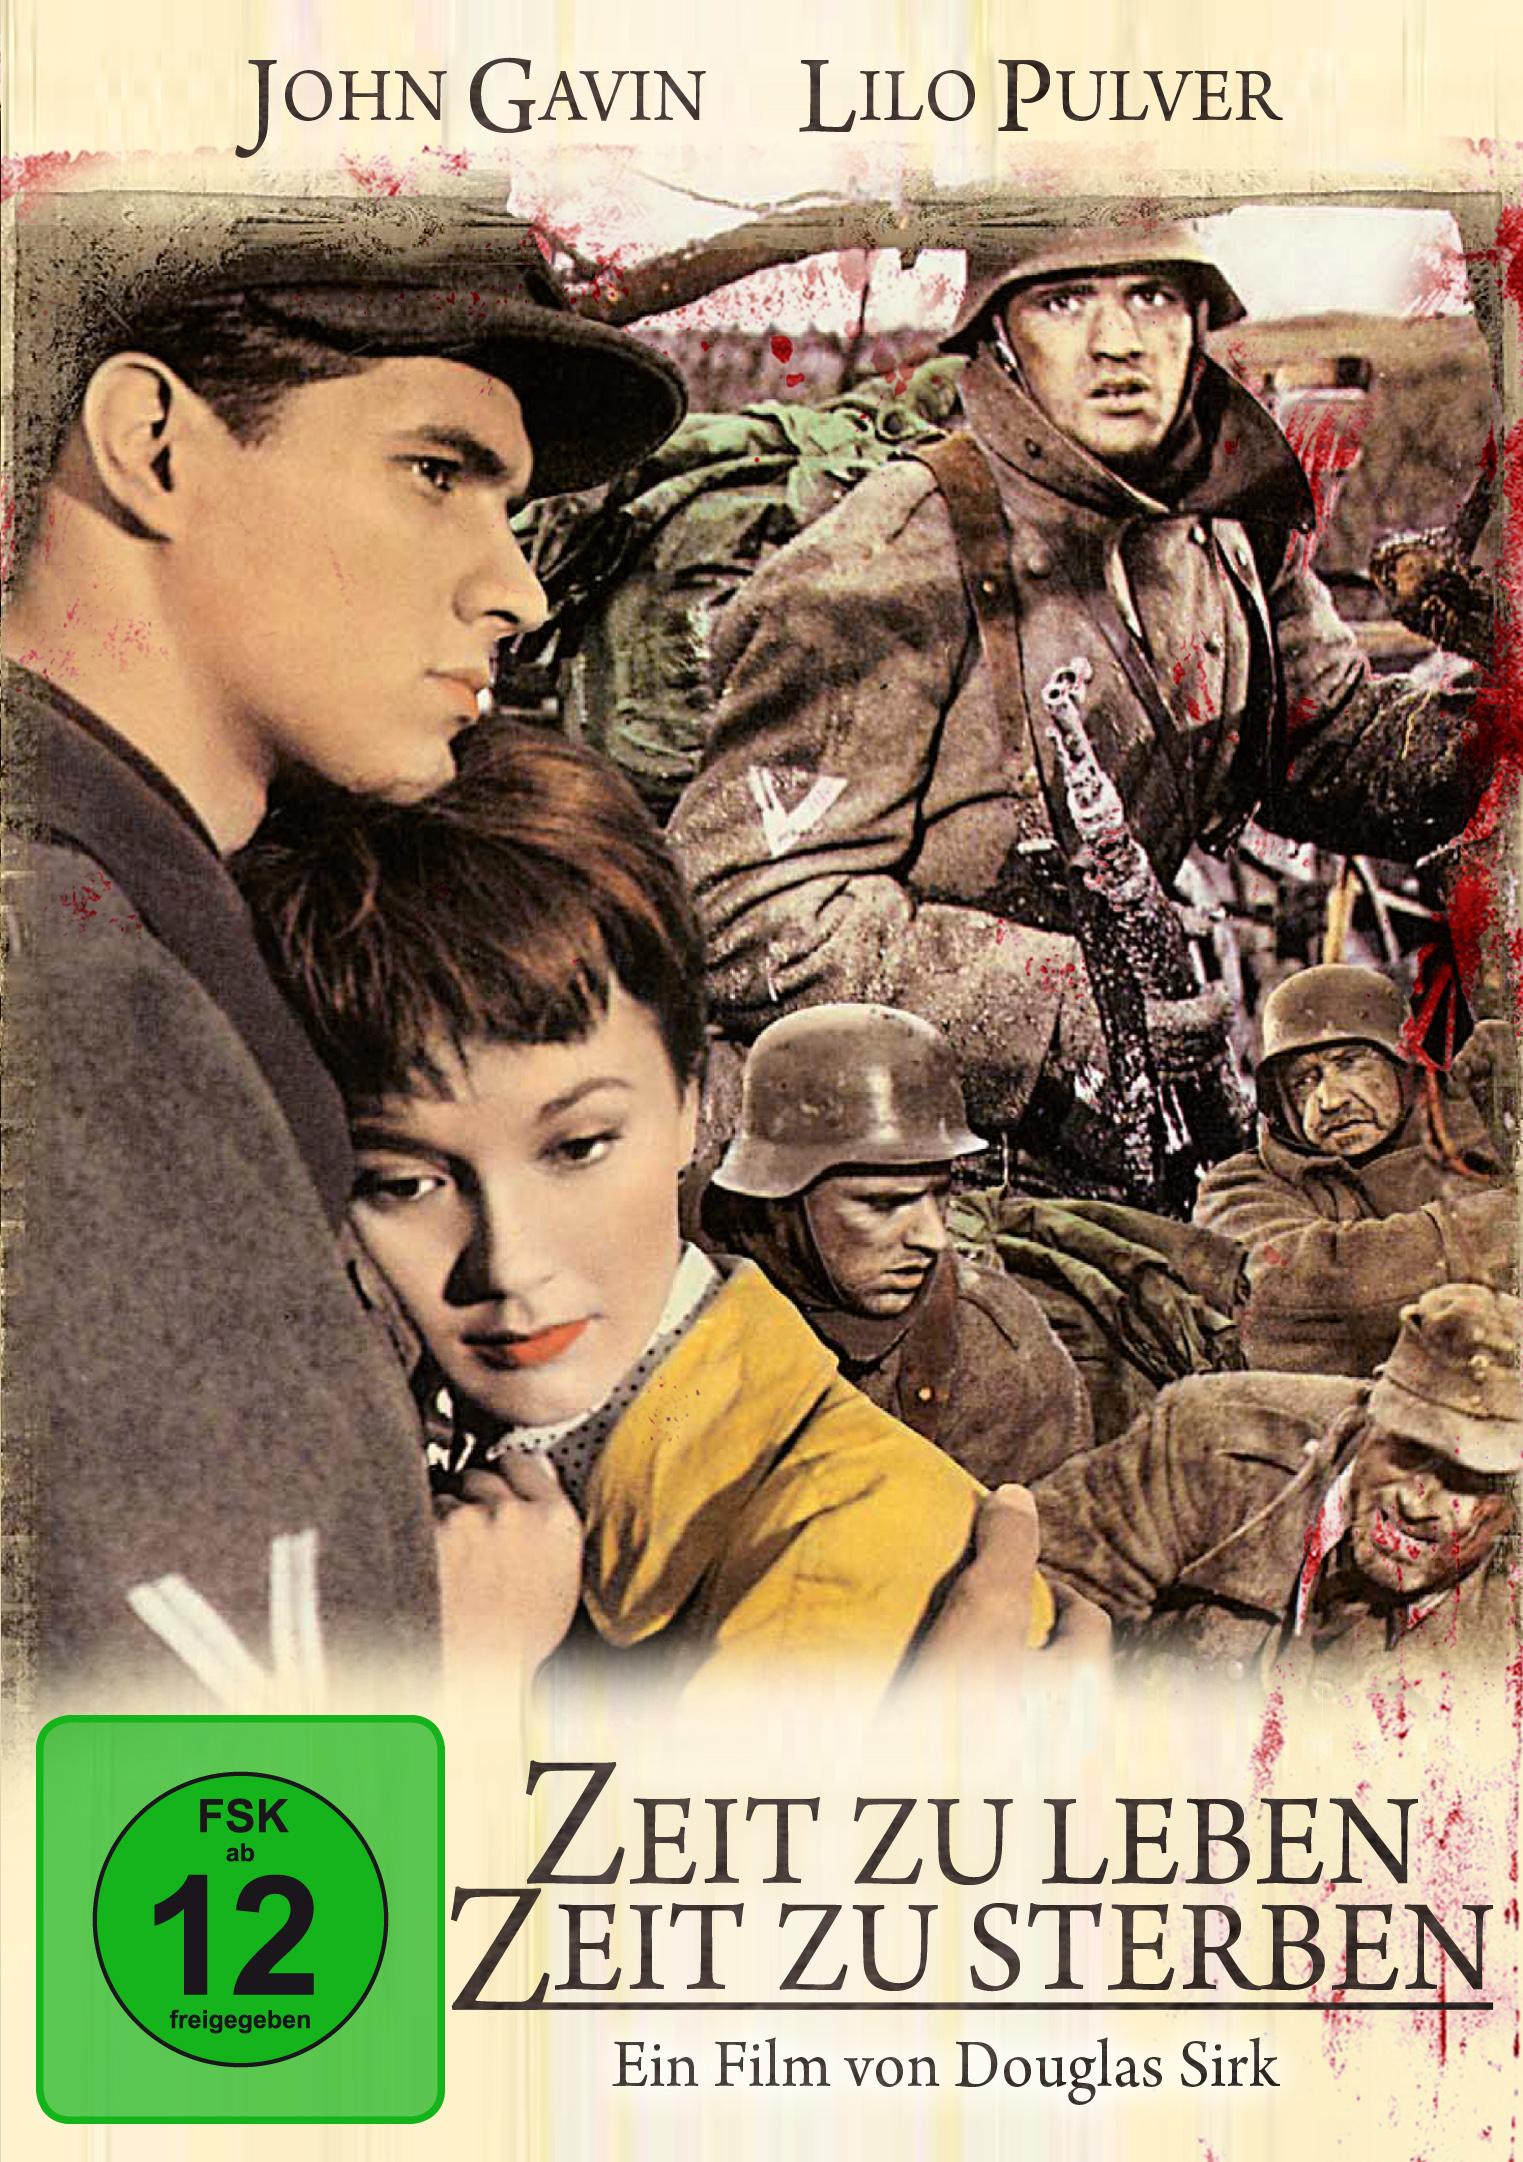 HanseSound Musik und Film GmbH | HanseSound CD/DVD Grosshandel ...